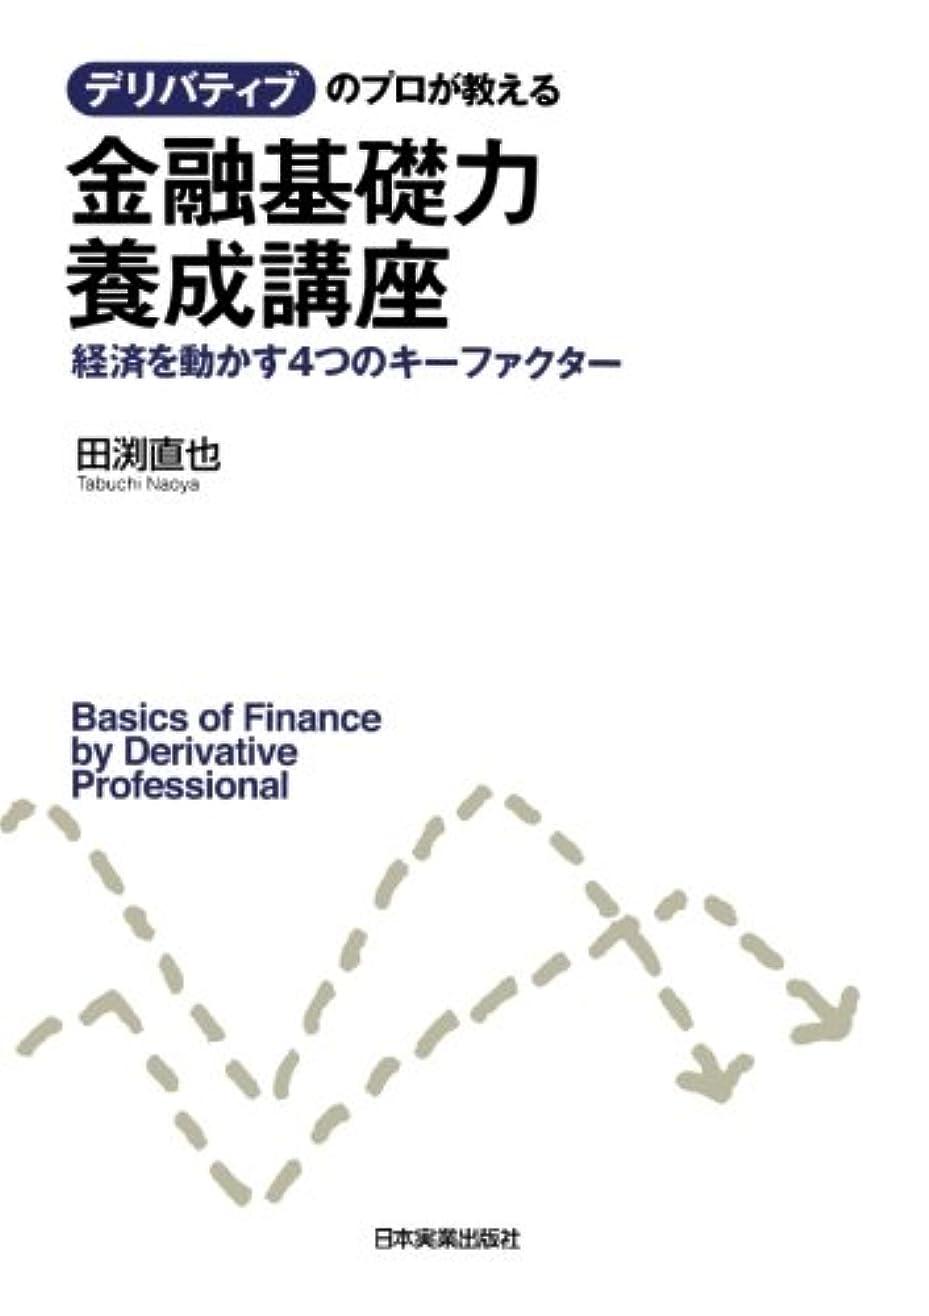 ゲージナラーバーマティスデリバティブのプロが教える 金融基礎力養成講座